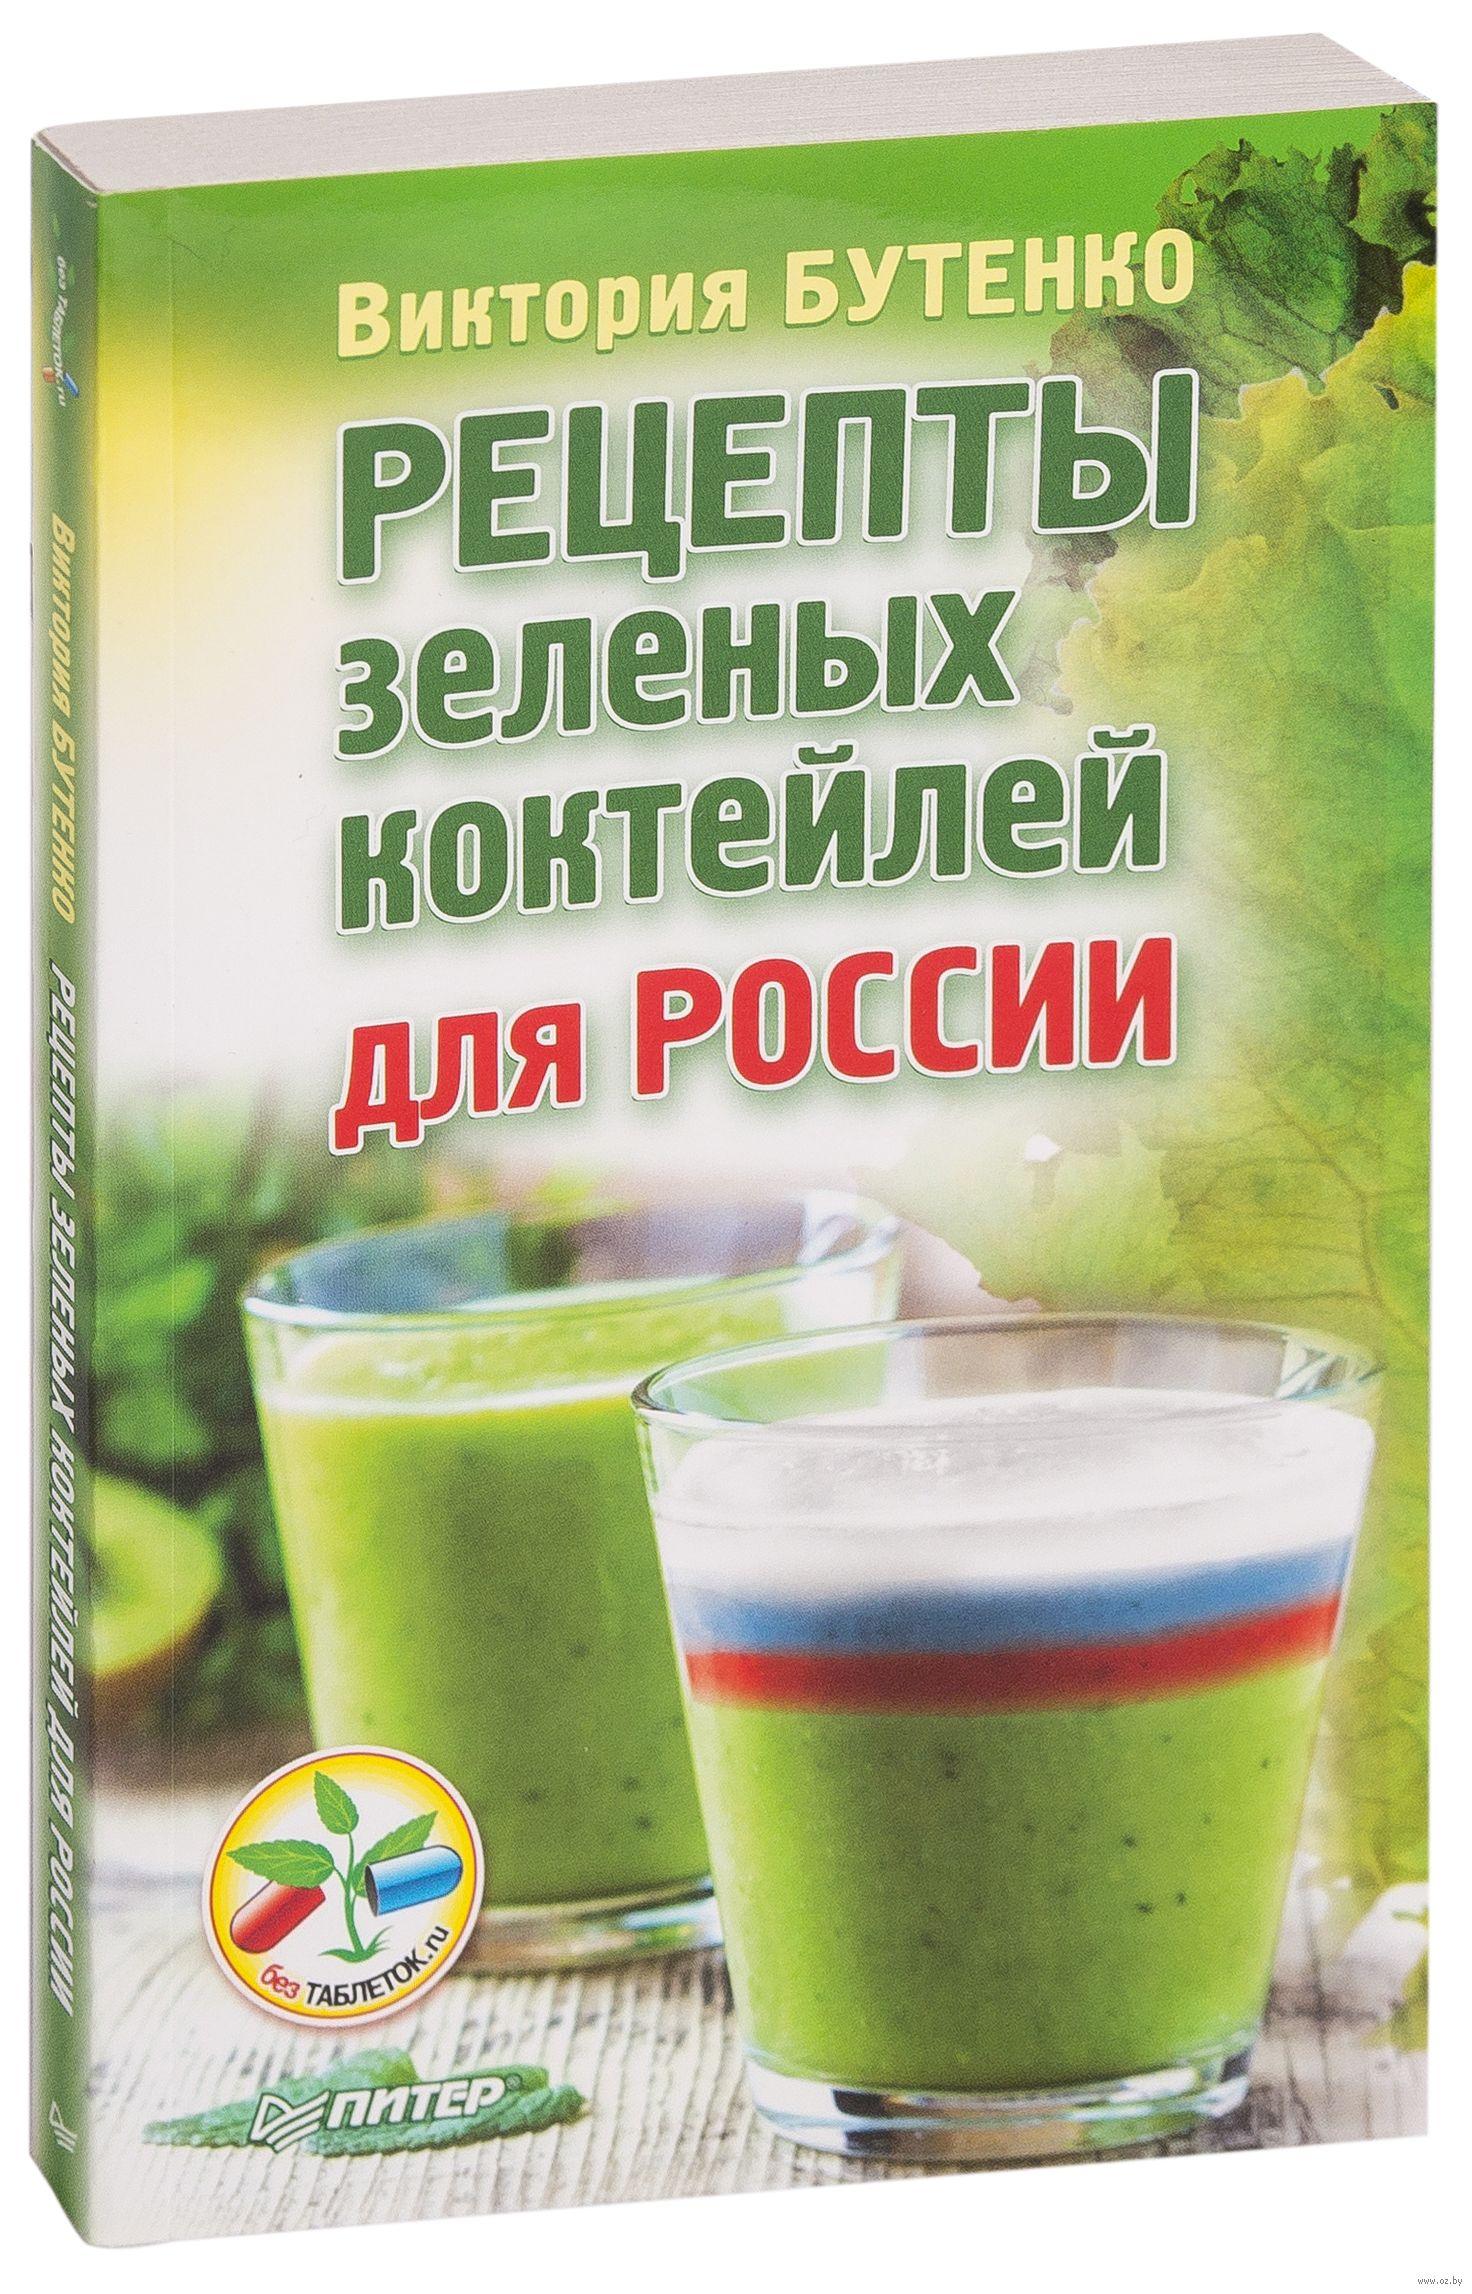 виктории бутенко- зелень для жизни, рецепты зеленых коктейлей